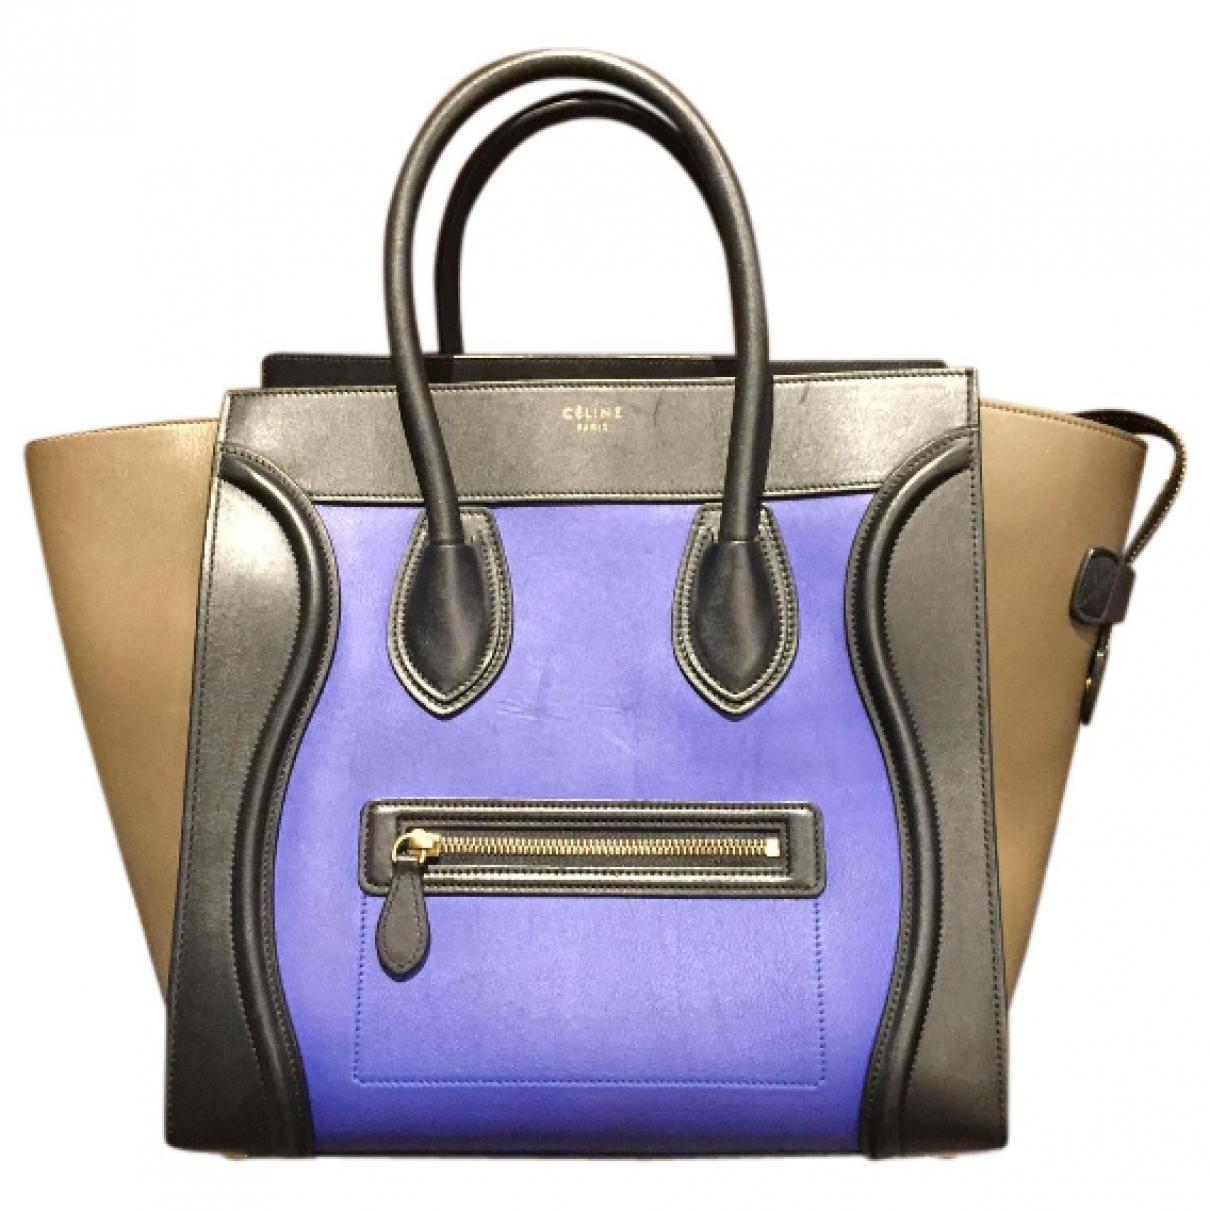 Celine \N Multicolour Leather handbag for Women \N